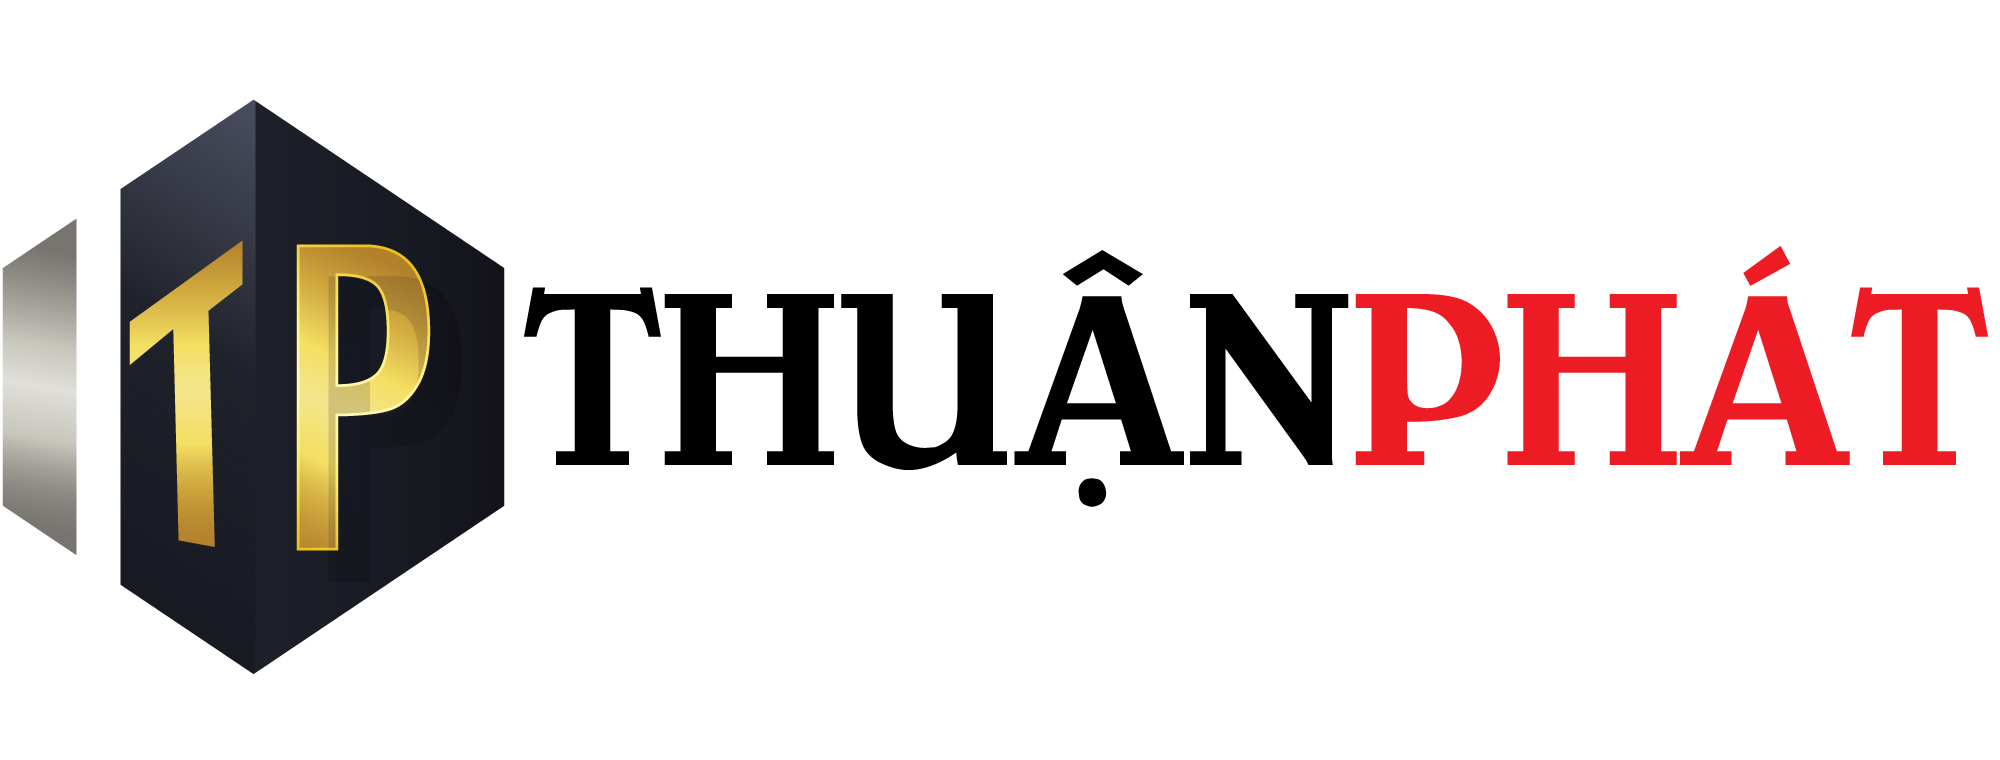 #1 Cửa tự động, cổng tự động chất lượng hàng đầu Việt Nam